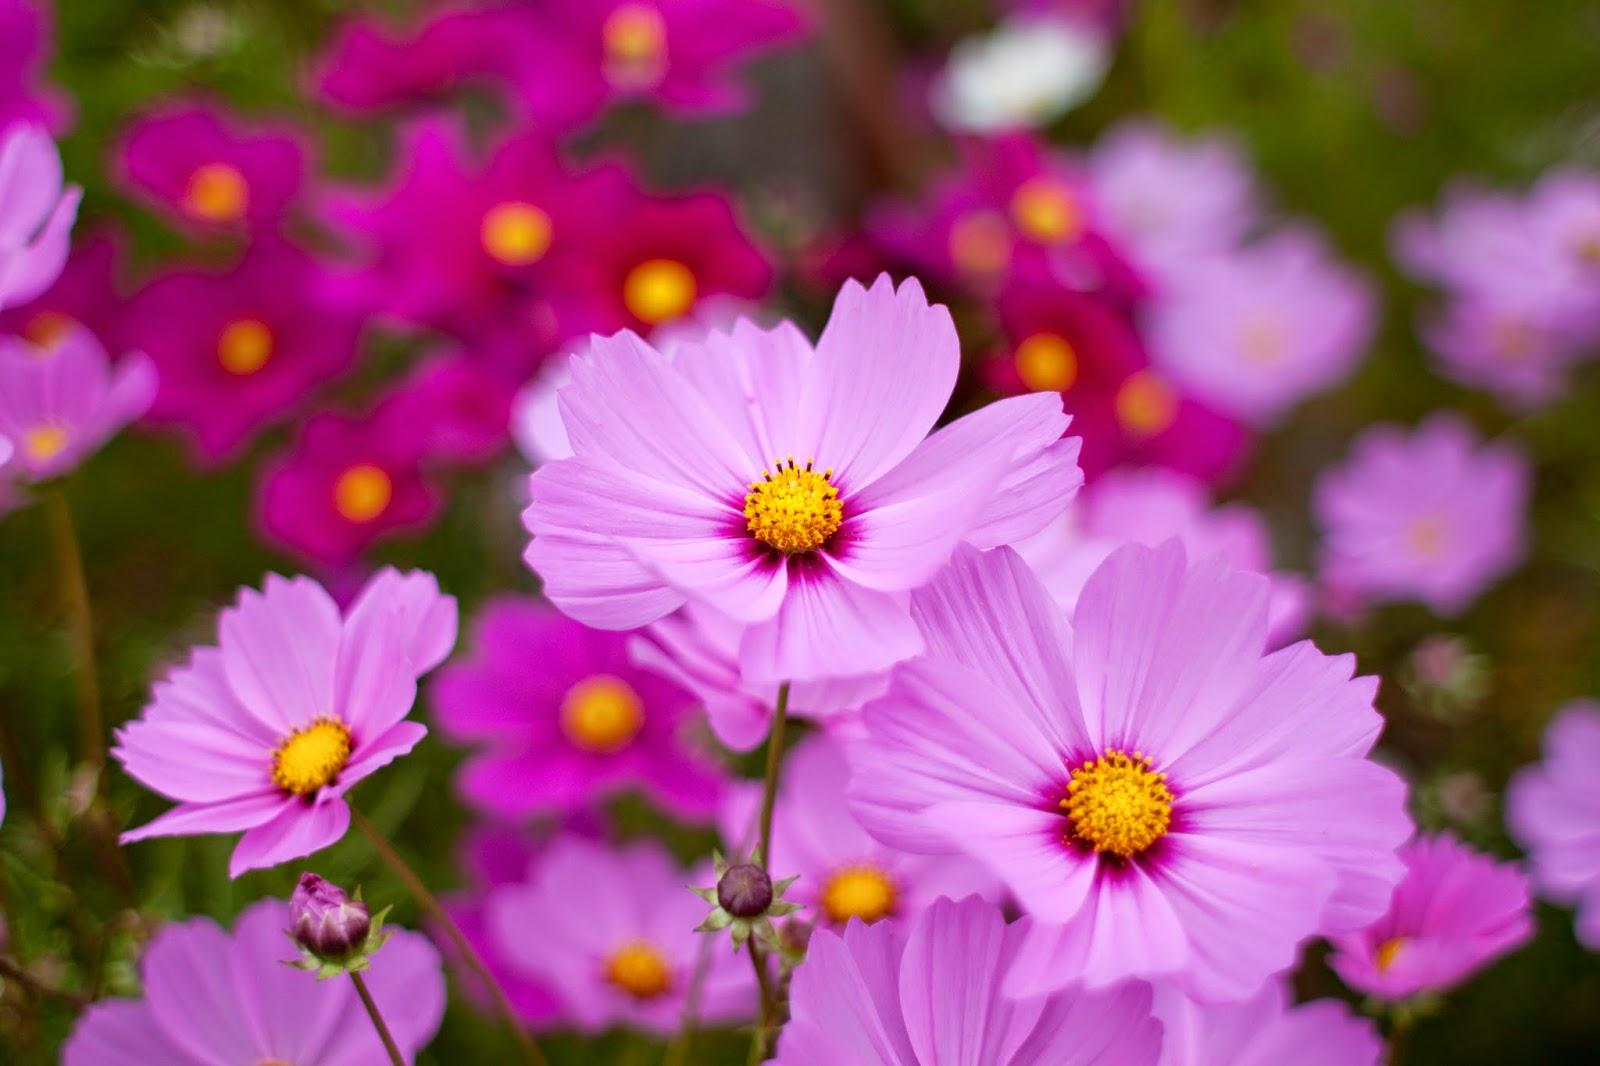 Ảnh hoa cánh bướm màu tím đẹp nhất